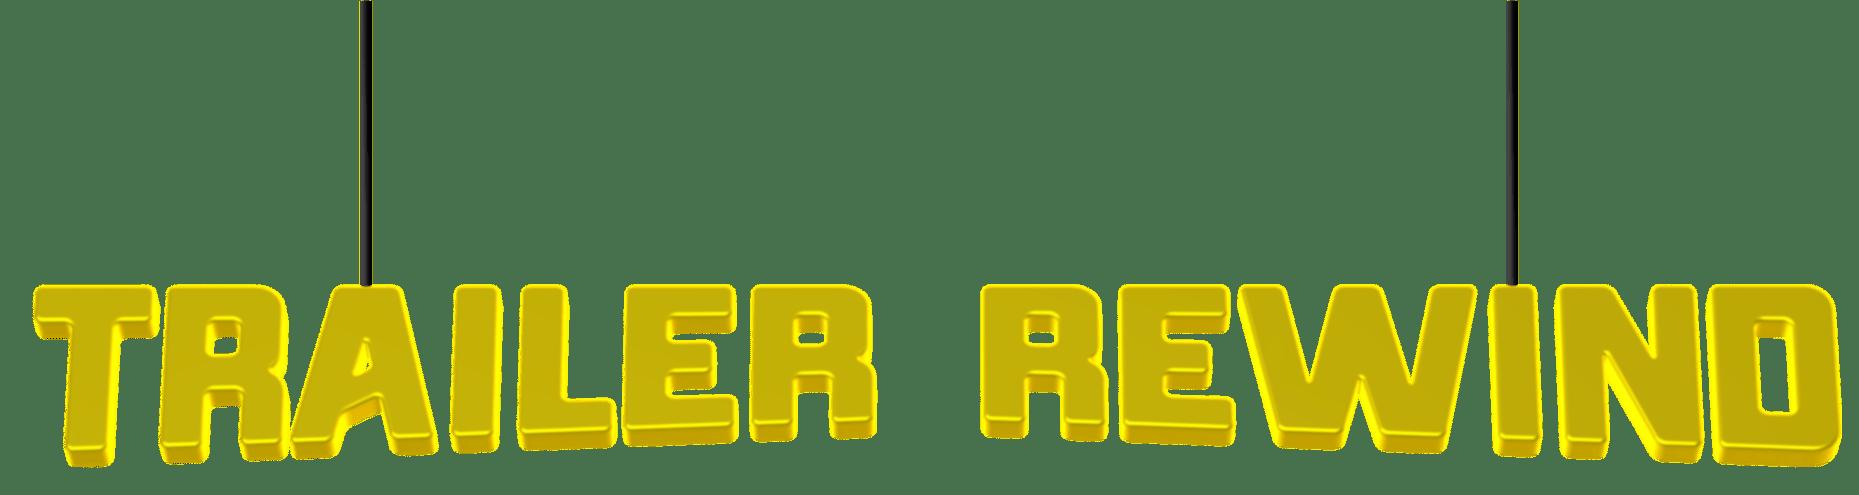 Trailer Rewind Sign